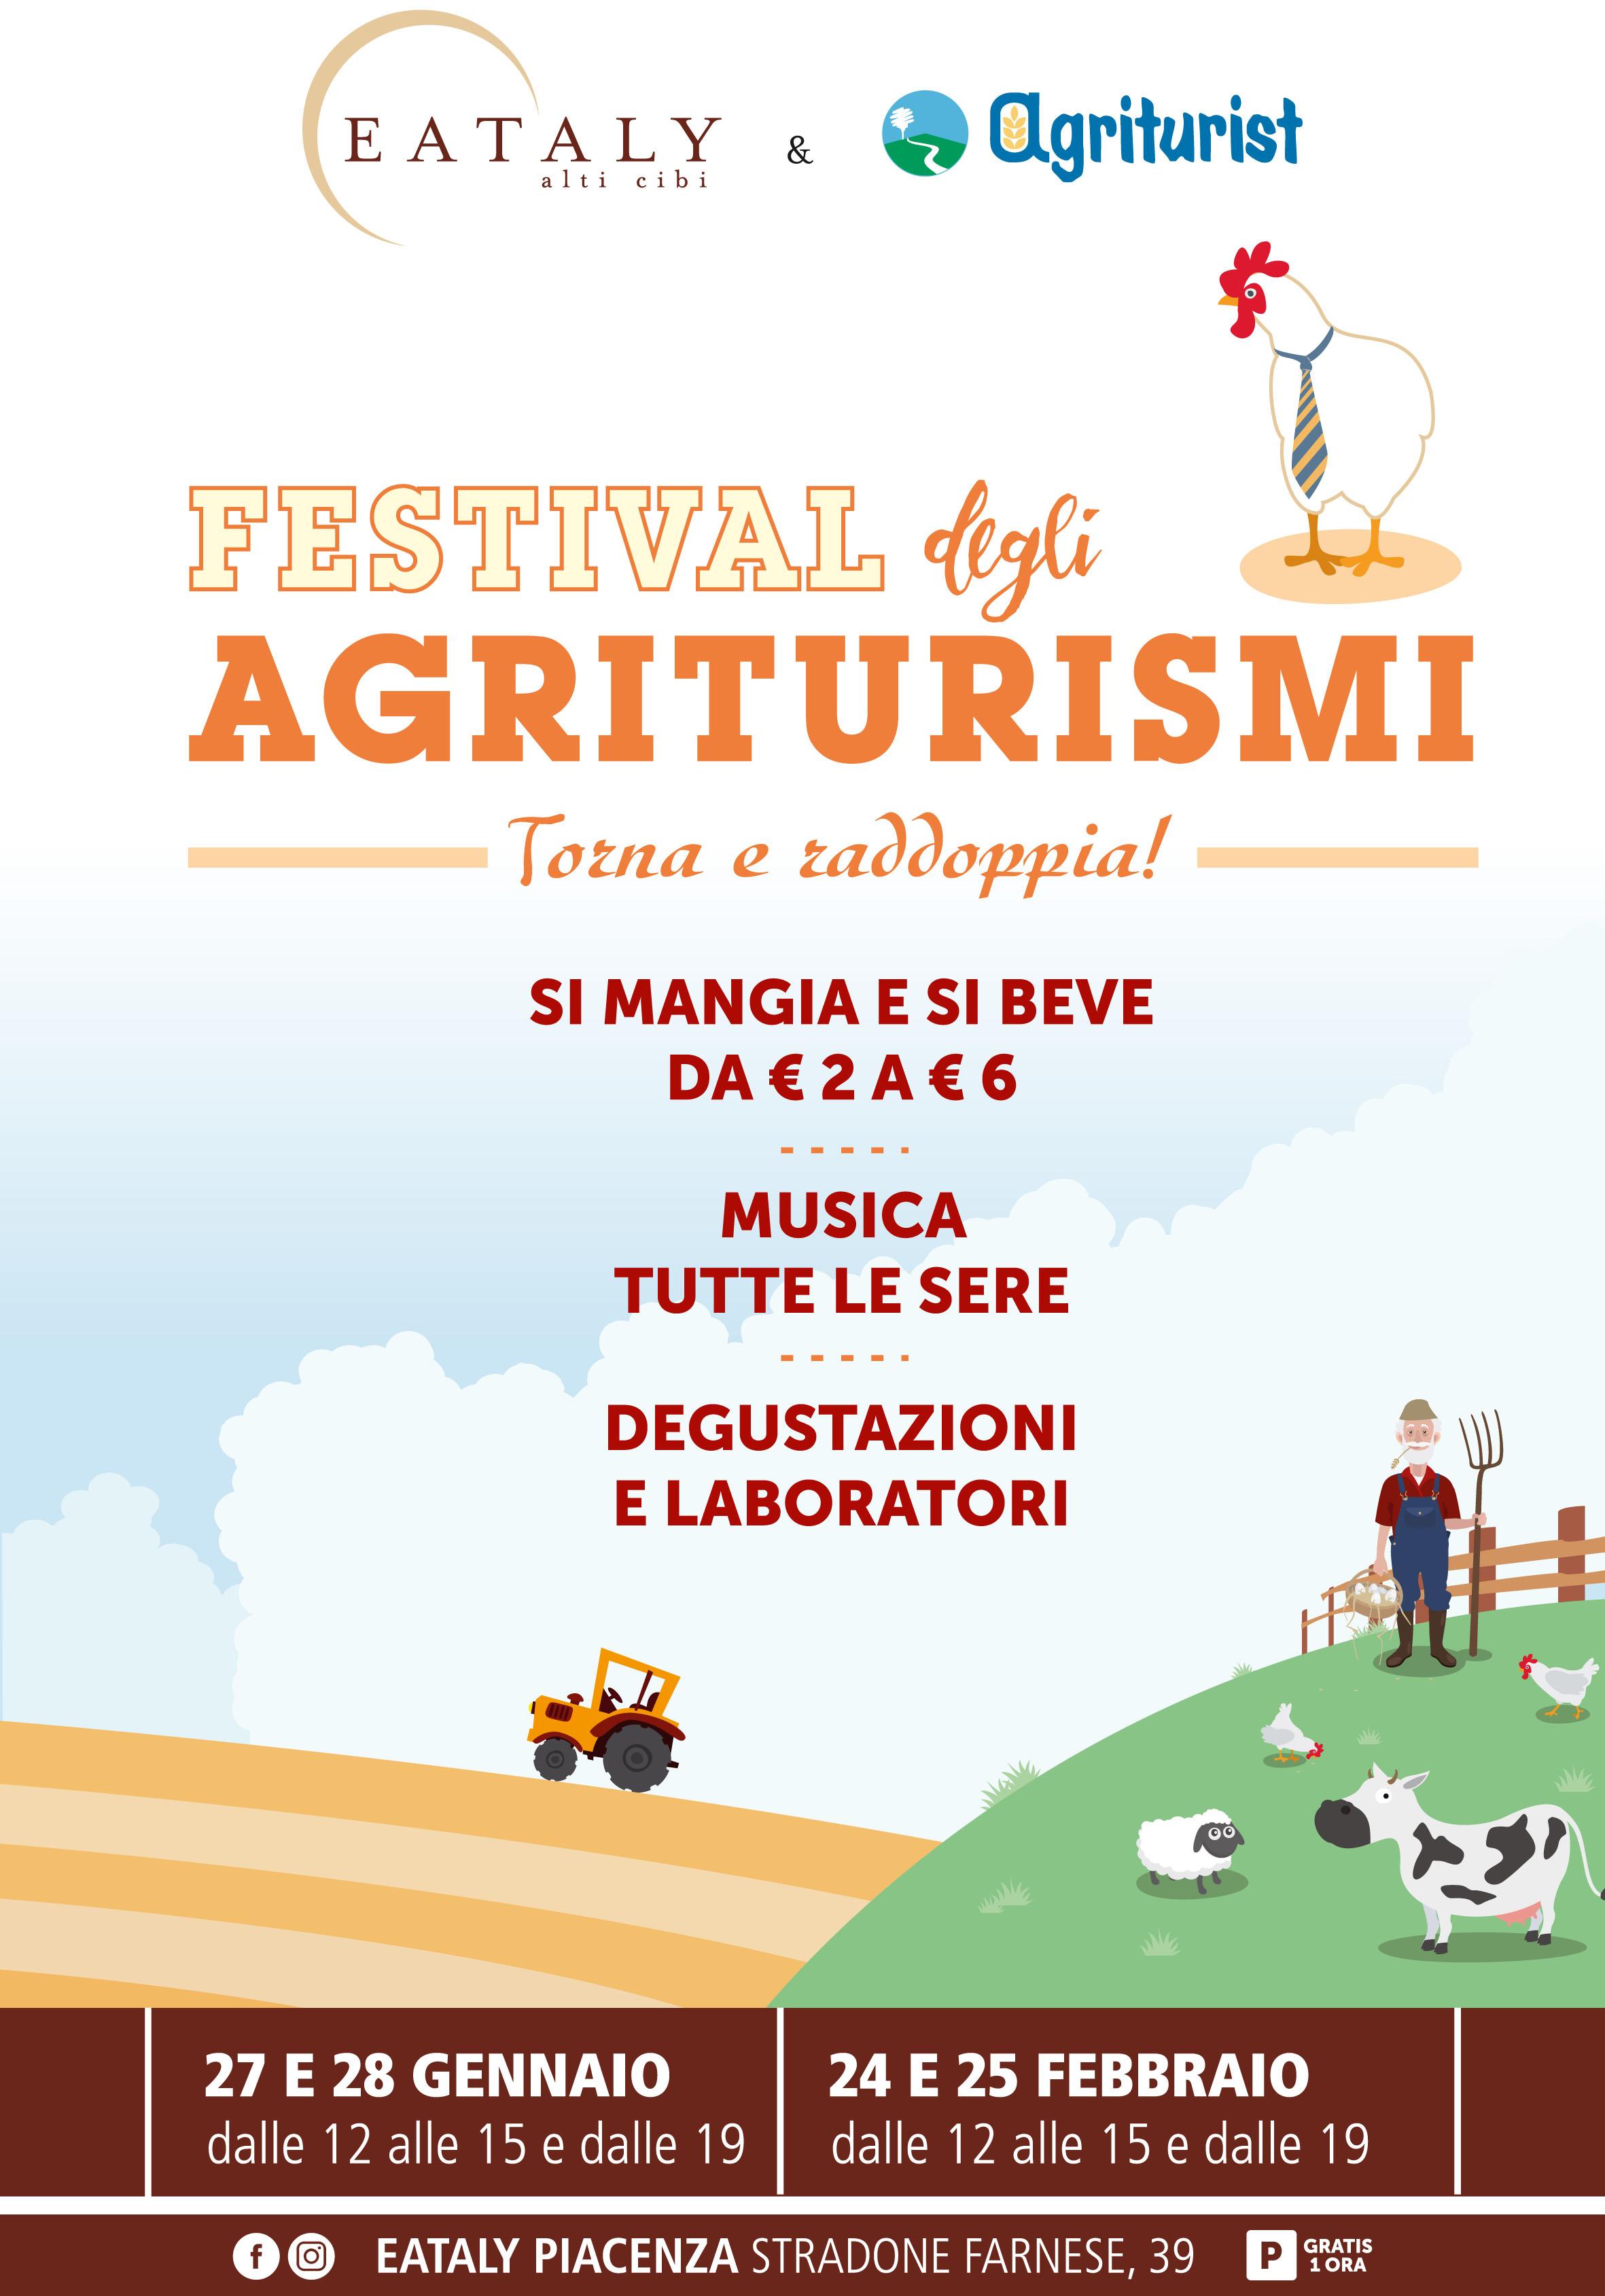 FESTIVAL degli AGRITURISMI - Torna e raddoppia!